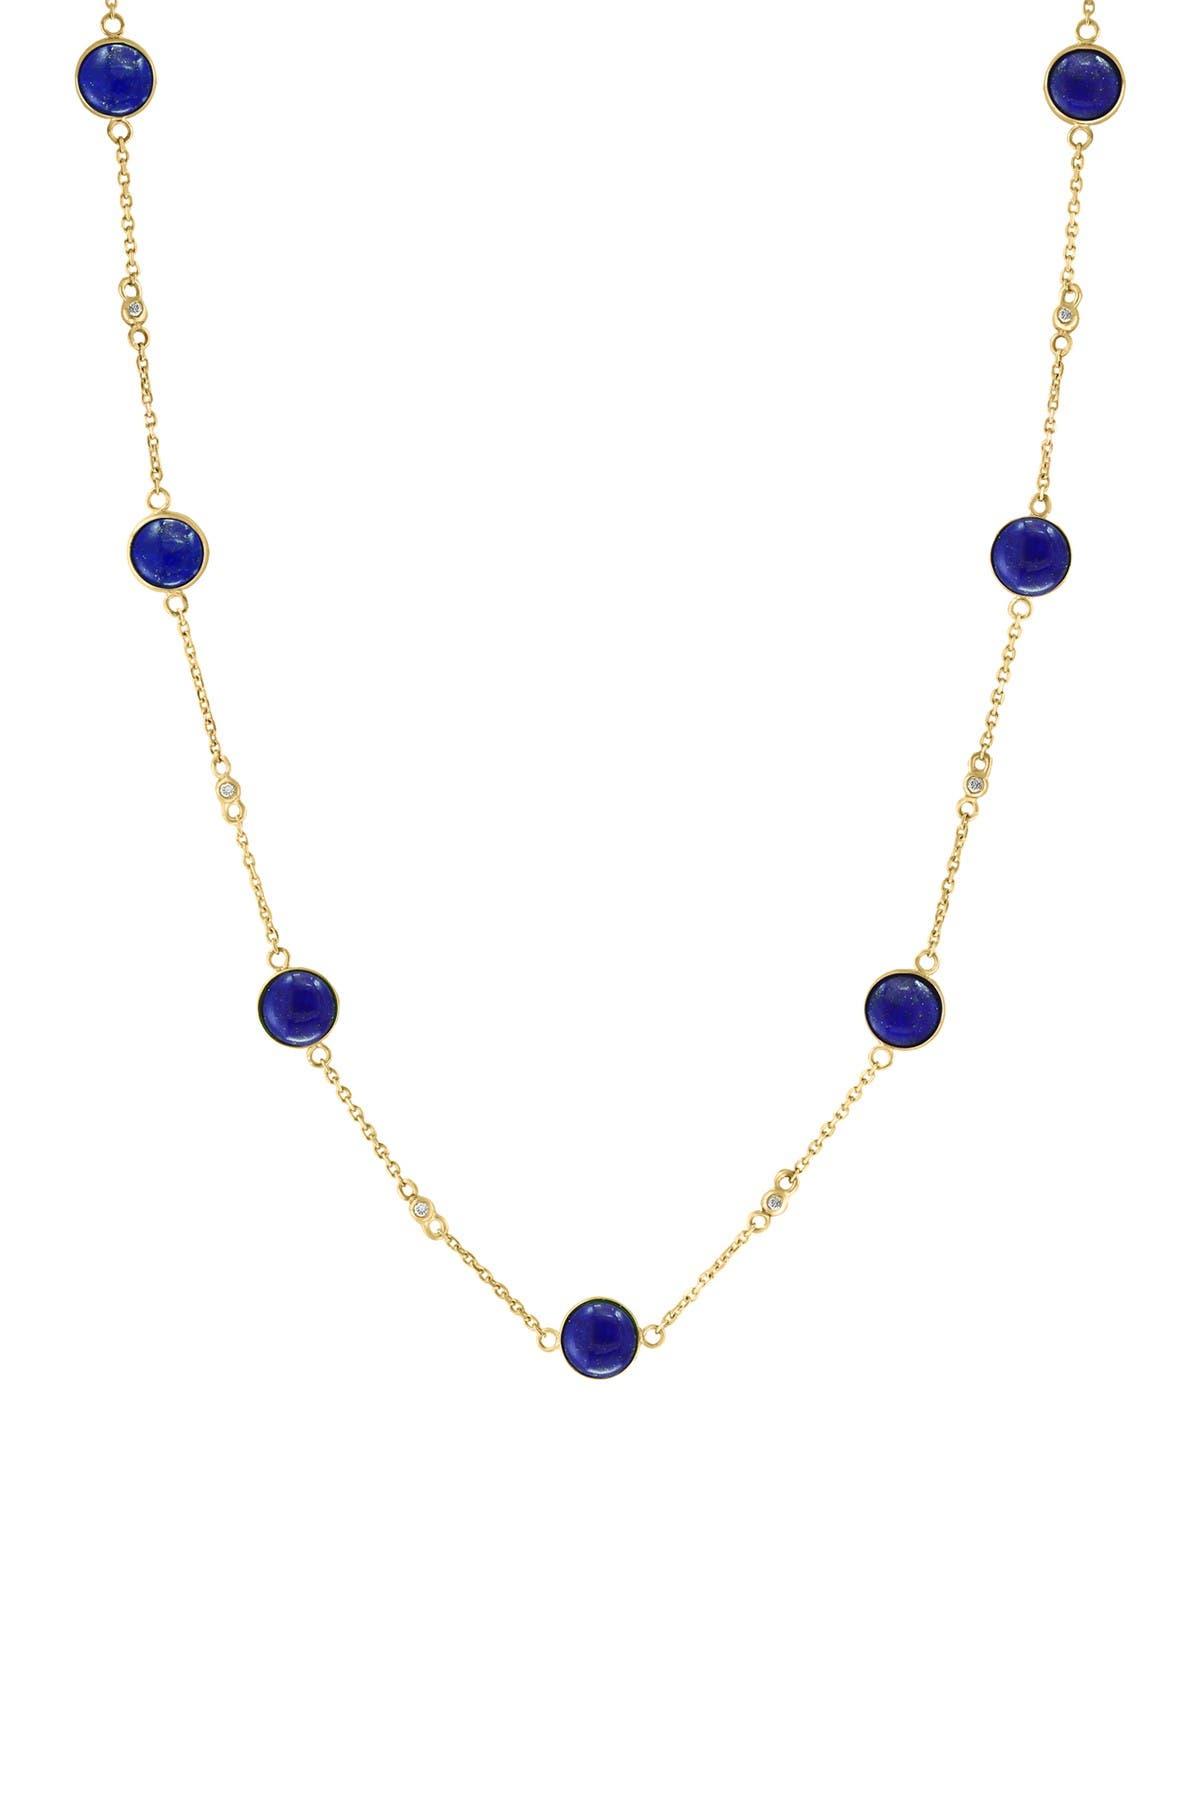 Image of Effy 14K Yellow Gold Bezel Set Lapis & Diamond Station Necklace